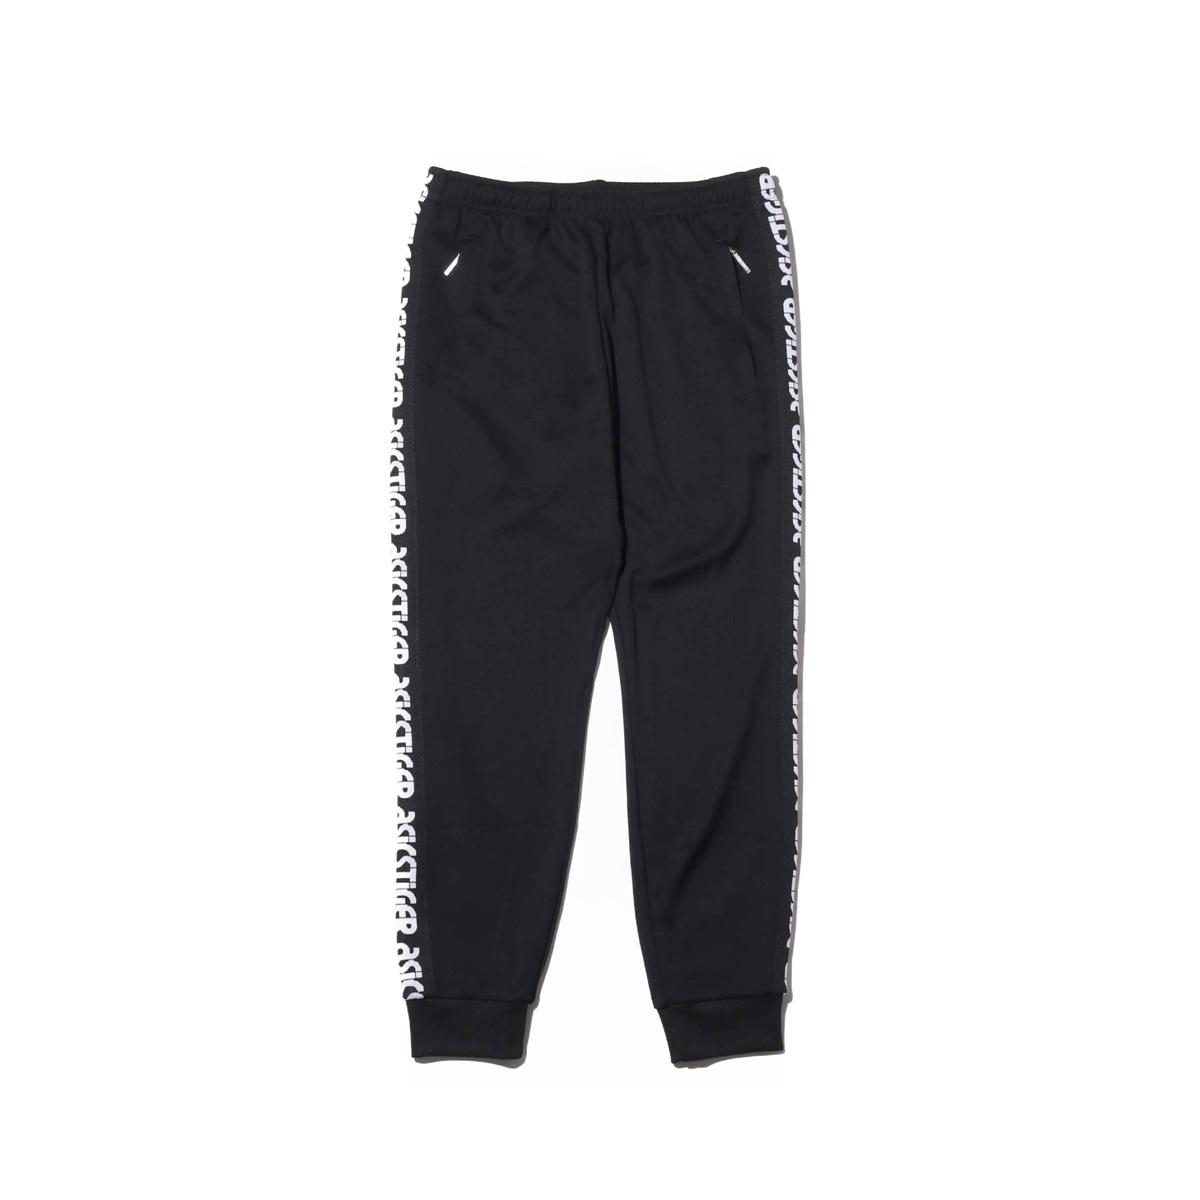 ASICSTIGER LT Jersey Pants(アシックスタイガー ジャージ パンツ)PERFORMANCE BLACK【メンズ レディース パンツ】18FW-I